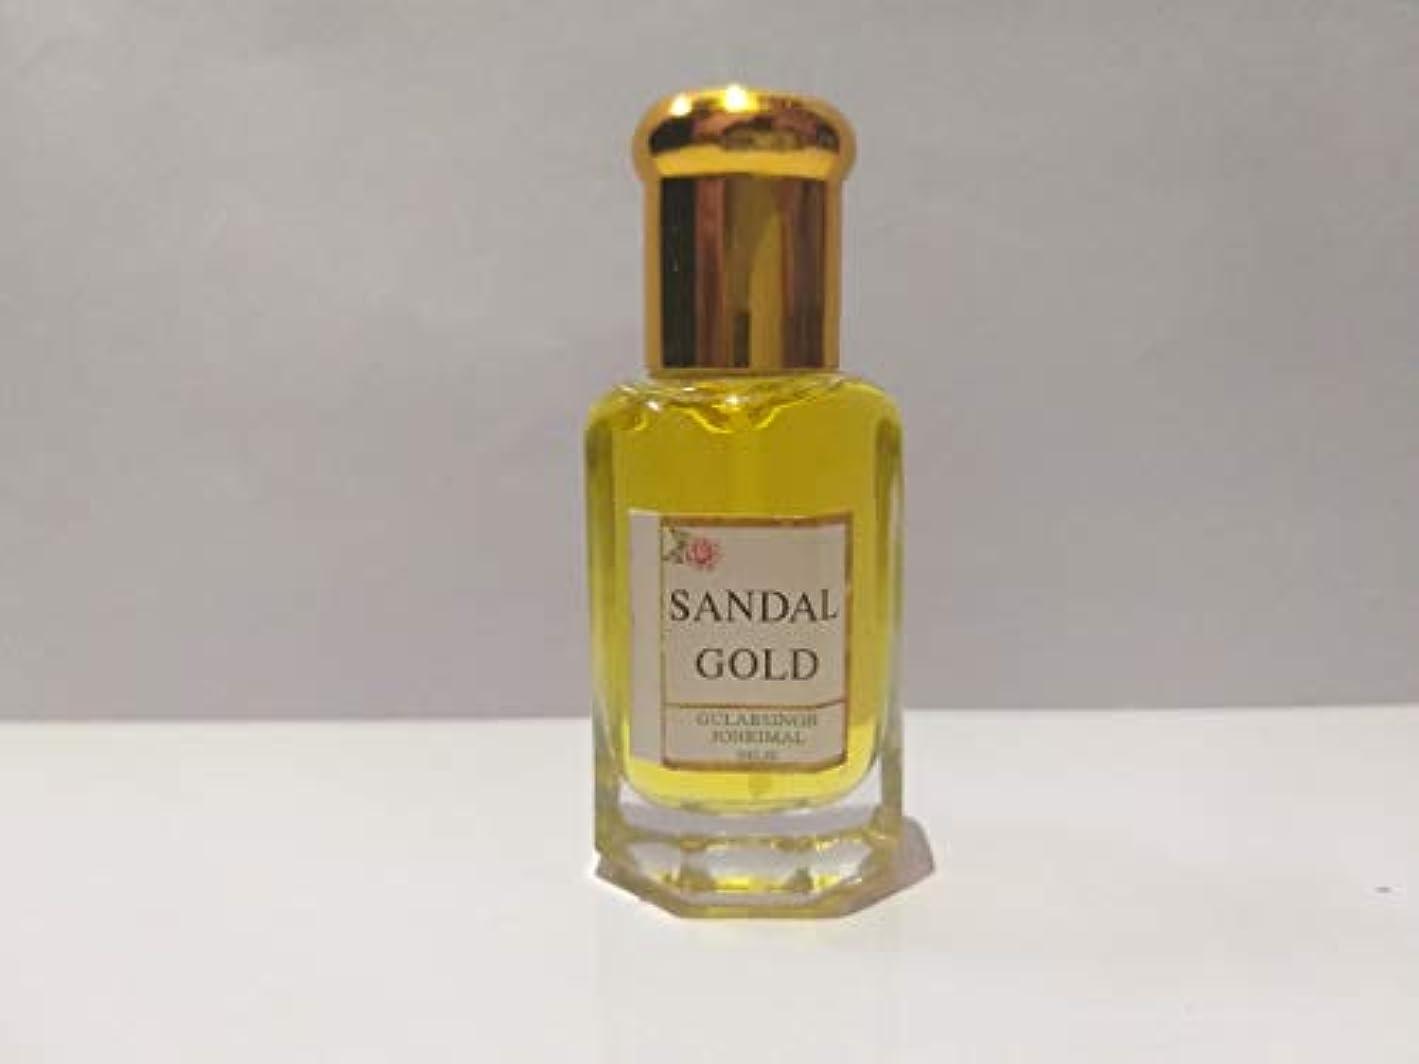 凍るバランスのとれた注釈を付けるSandal/白檀 / Chandan Attar/Ittar concentrated Perfume Oil - 10ml Beautiful Aroma